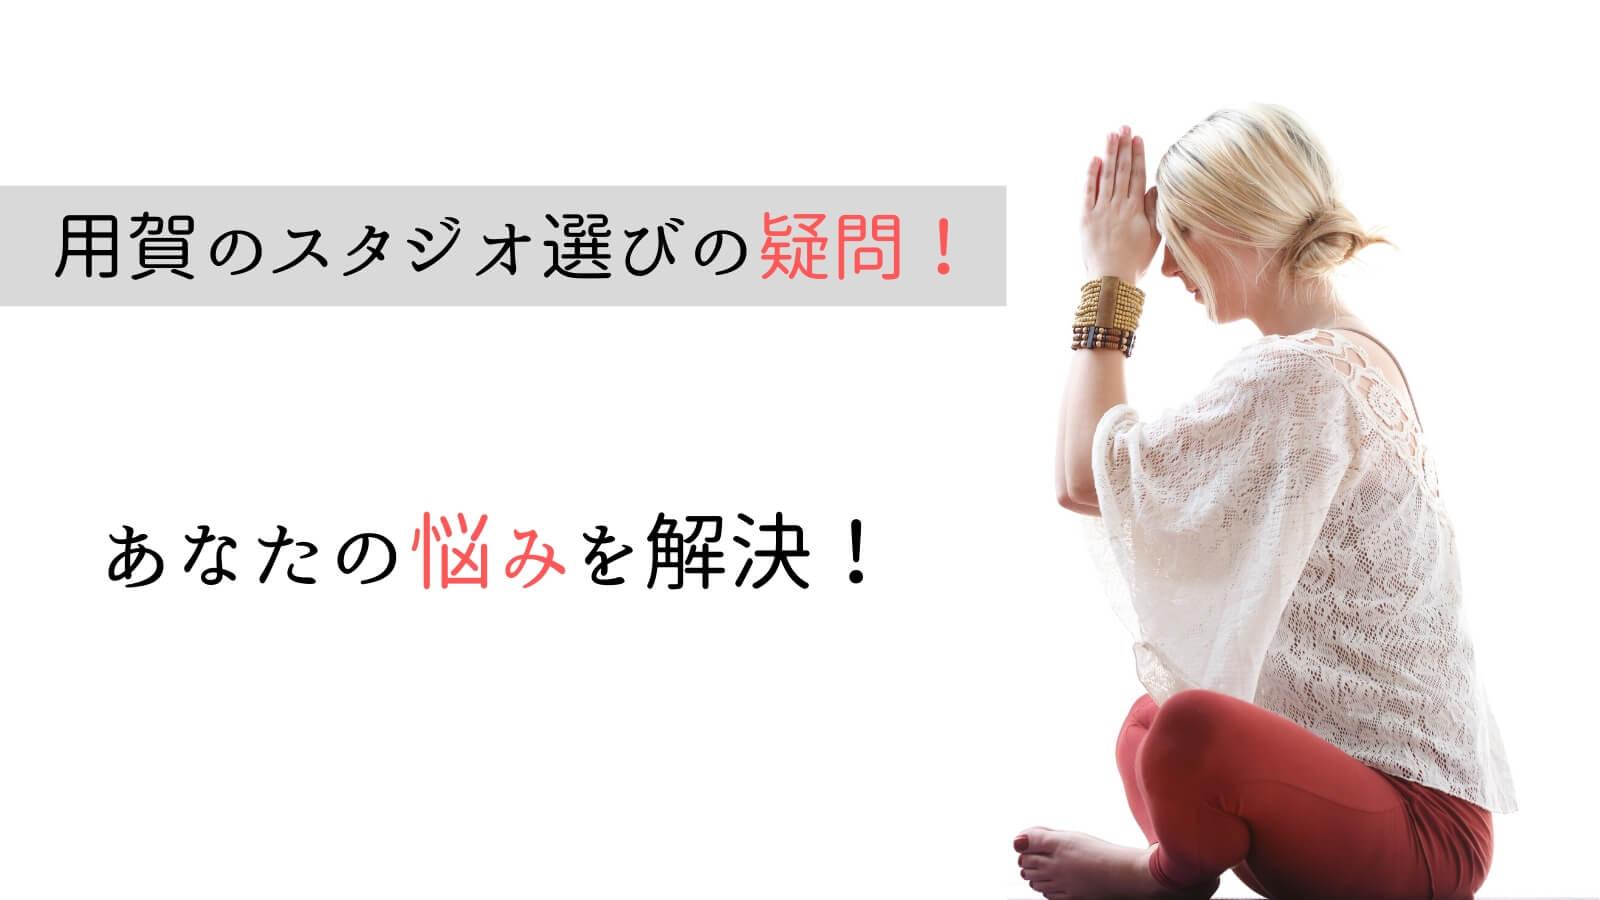 用賀でのヨガ・ホットヨガスタジオ選びに関するQ&A